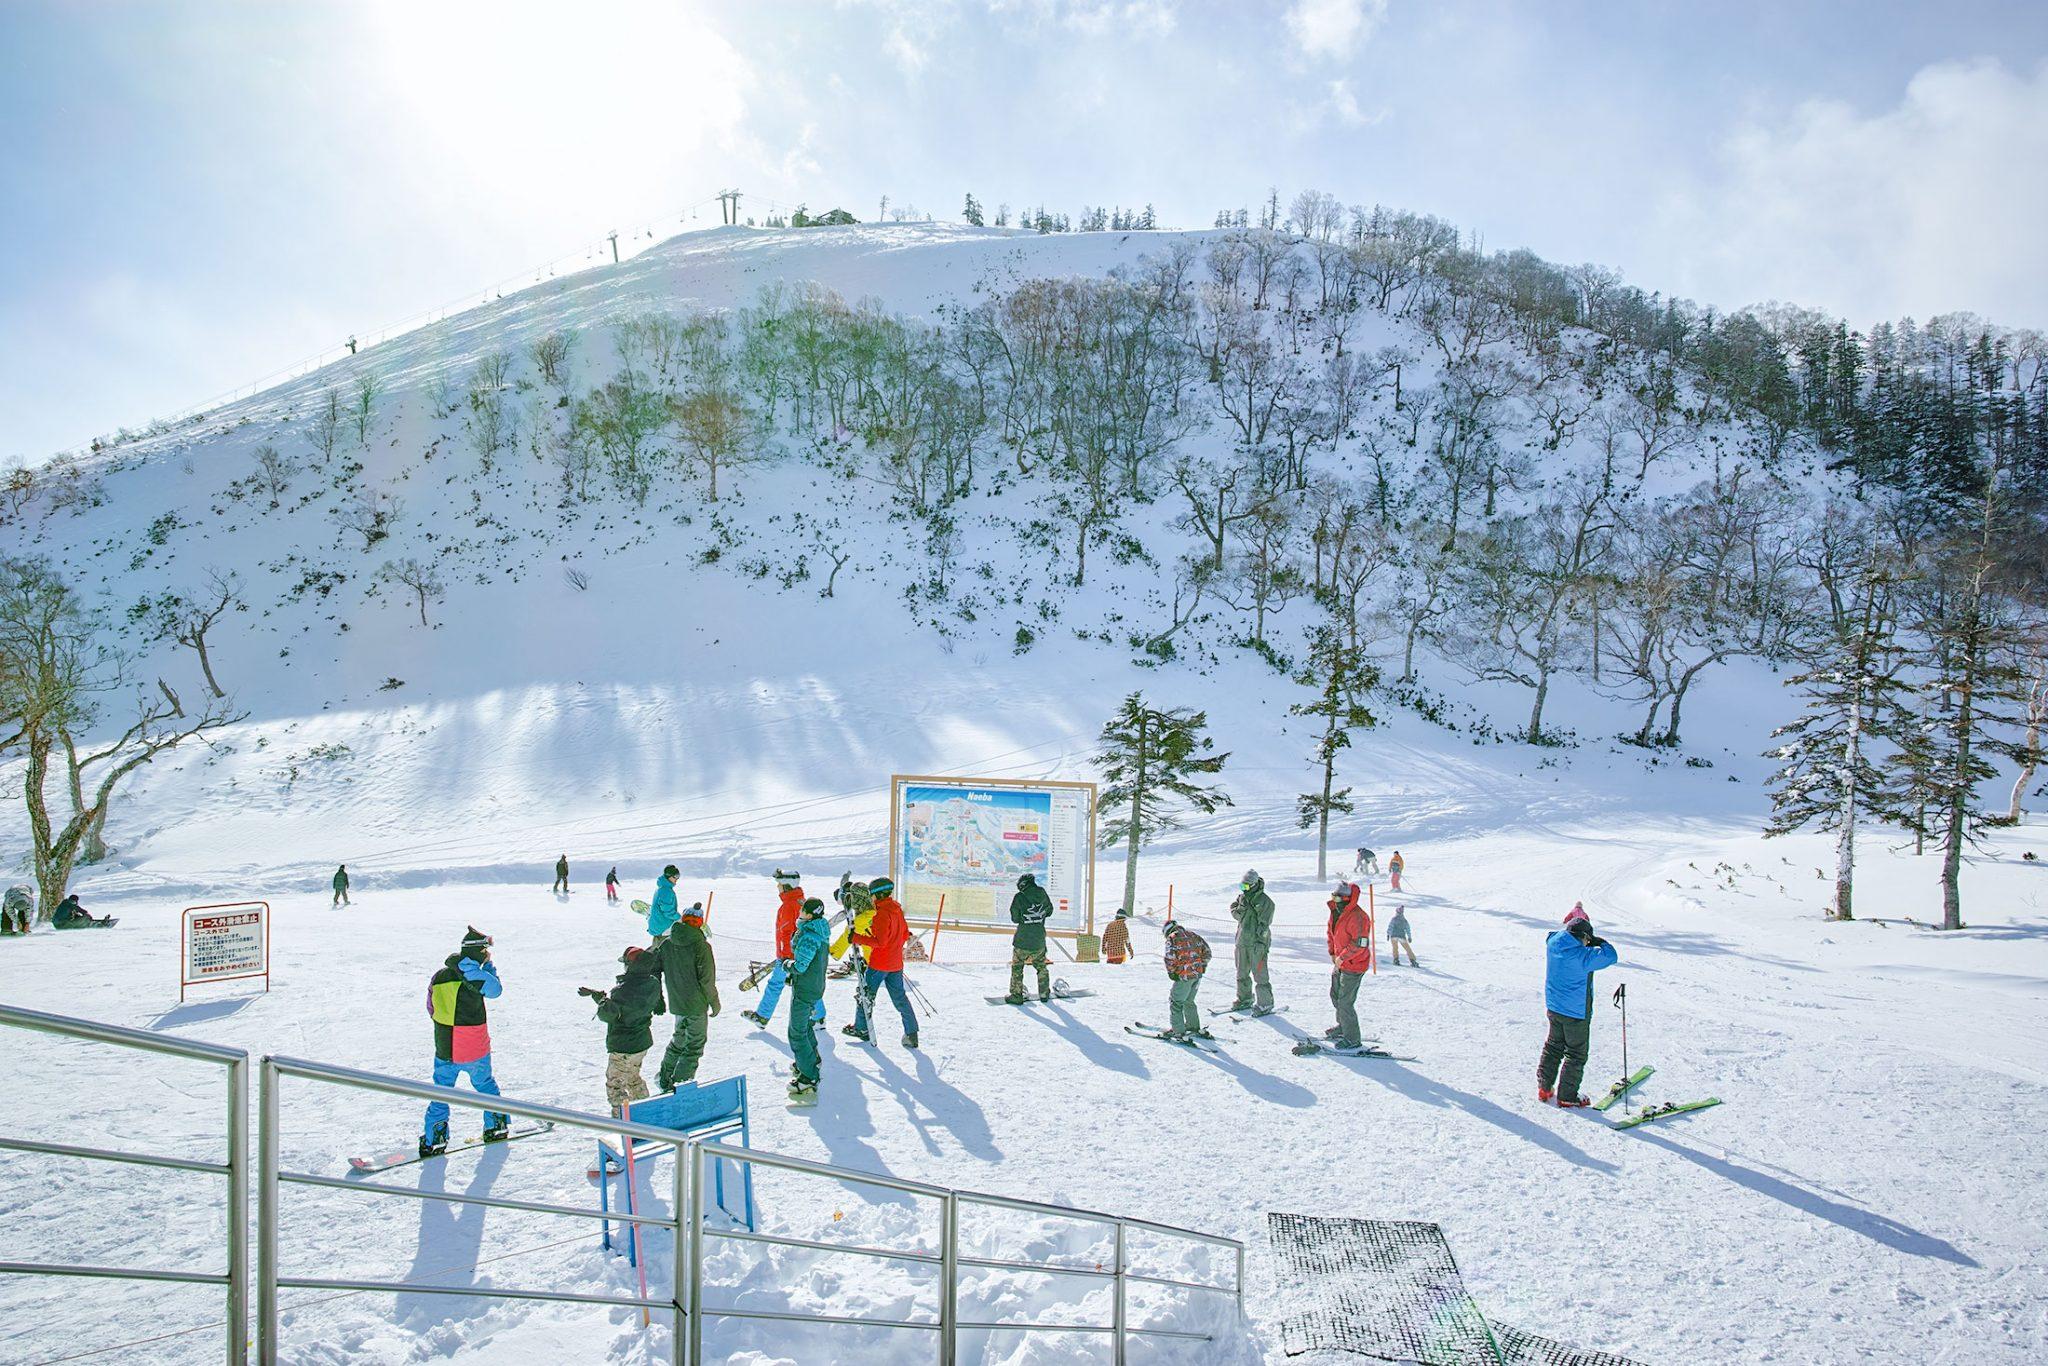 スノーボーダーたち、スキーヤーたち